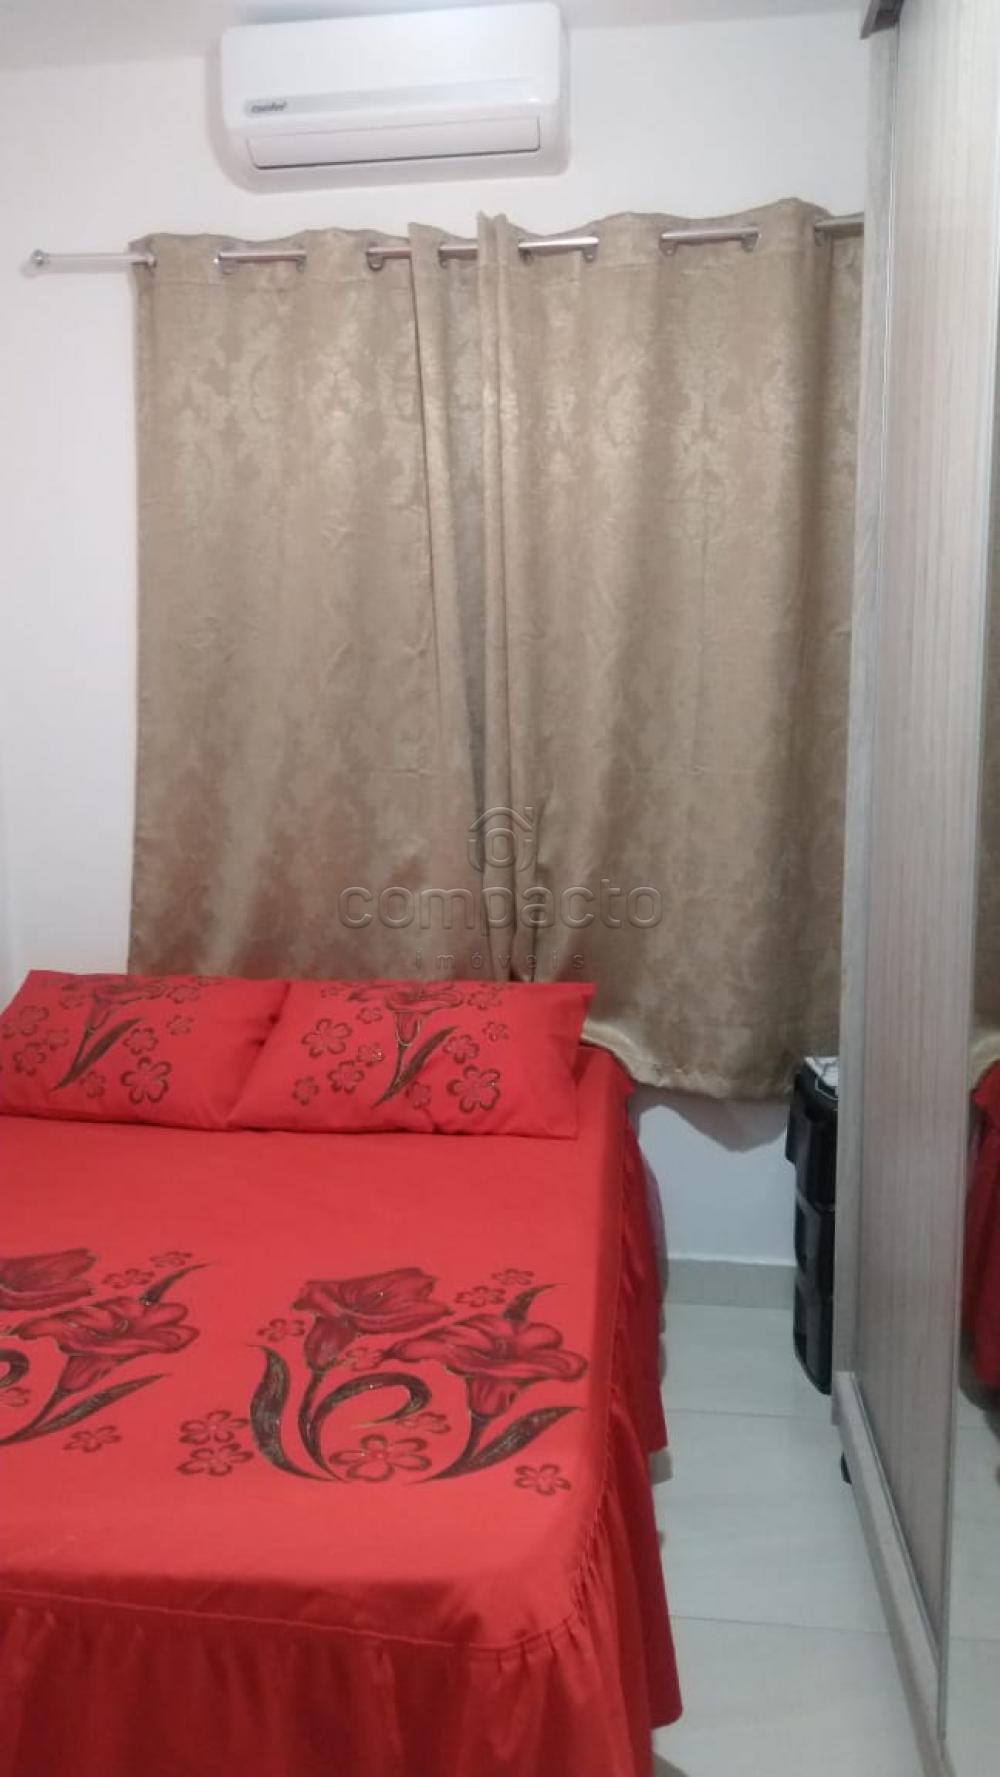 Comprar Casa / Condomínio em São José do Rio Preto apenas R$ 180.000,00 - Foto 15